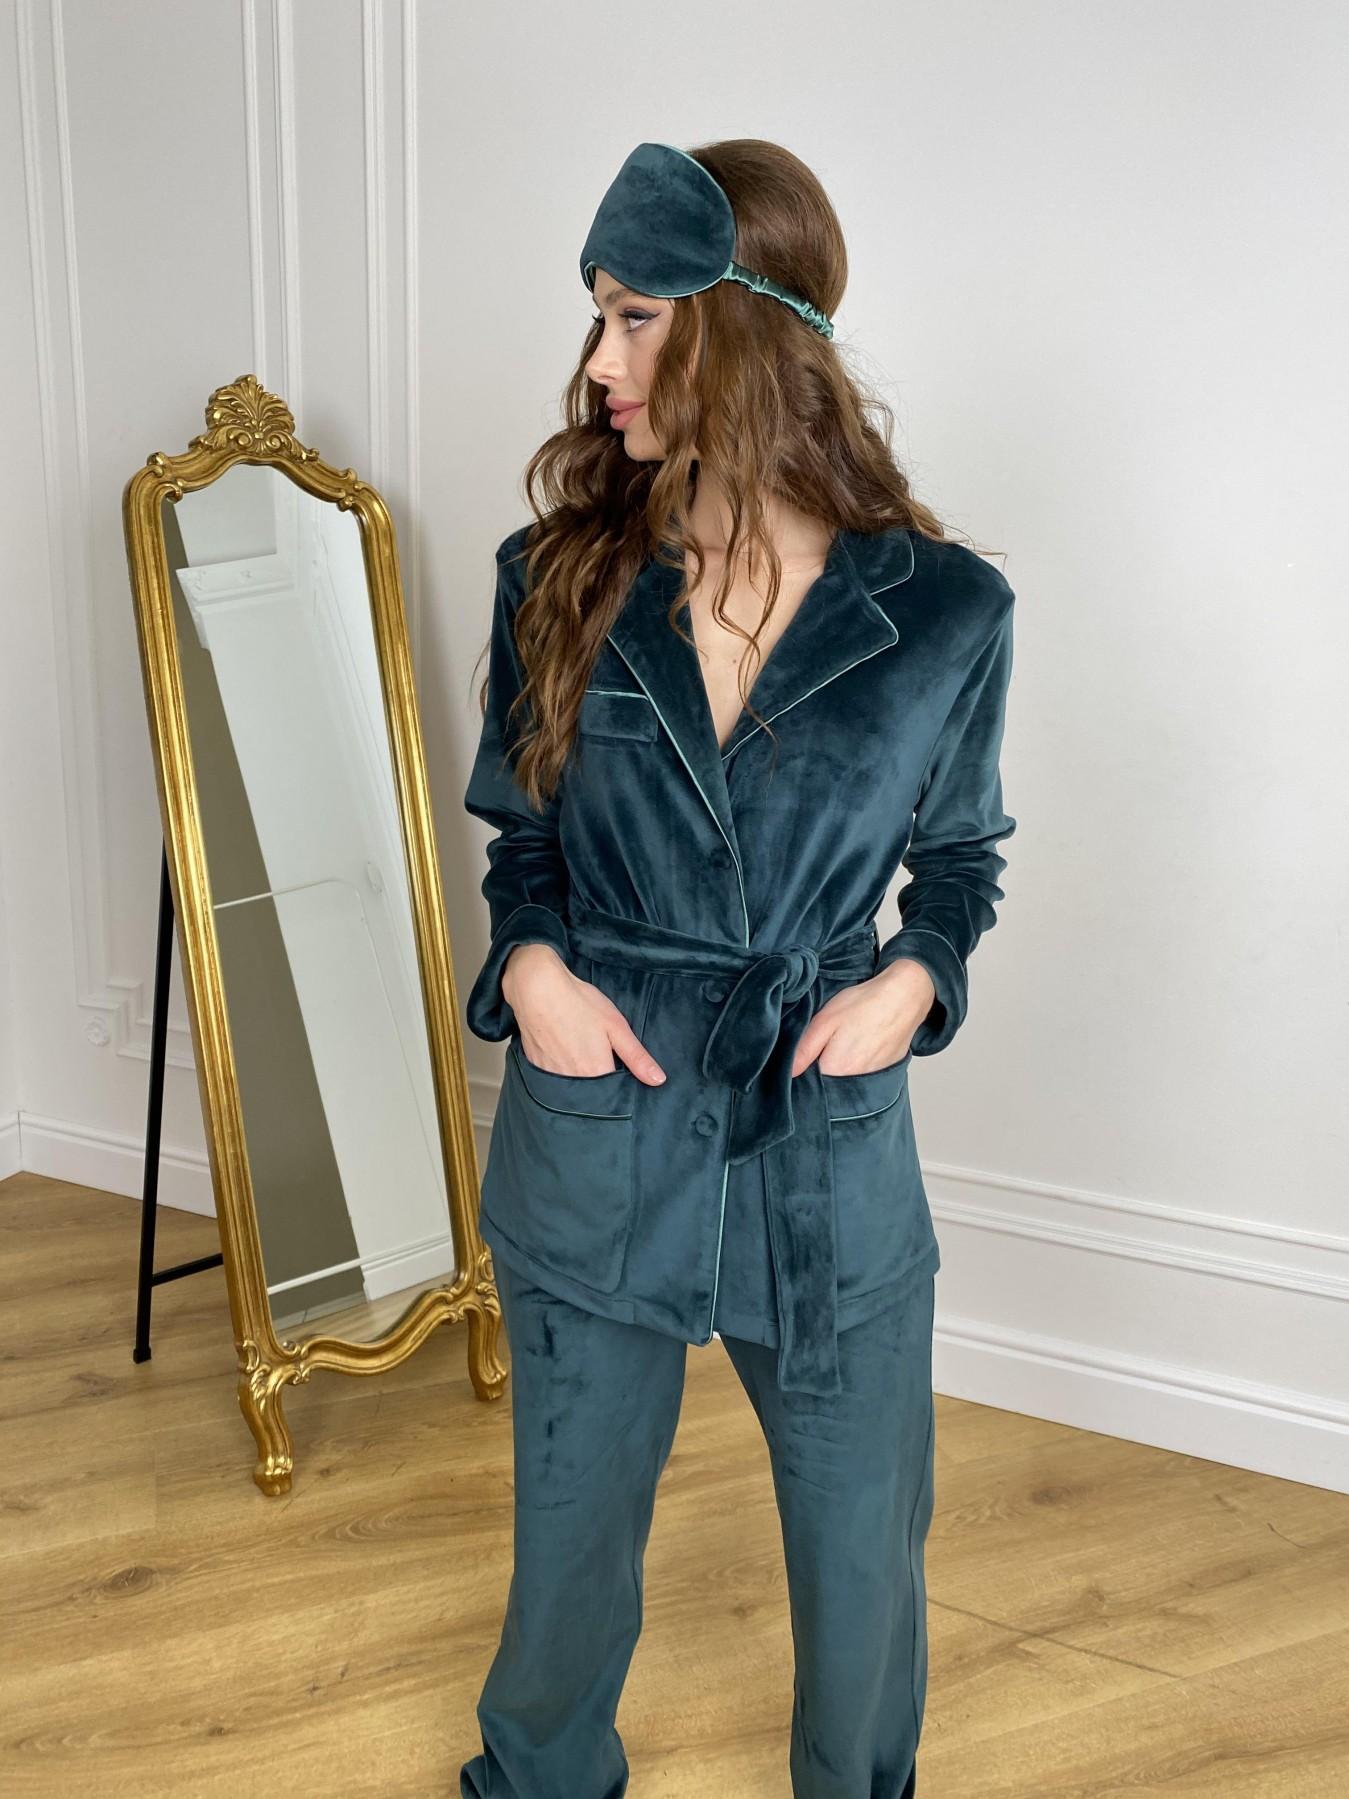 Женская одежда от производителя Modus Шайн пижама велюр жакет брюки маска для сна 10353